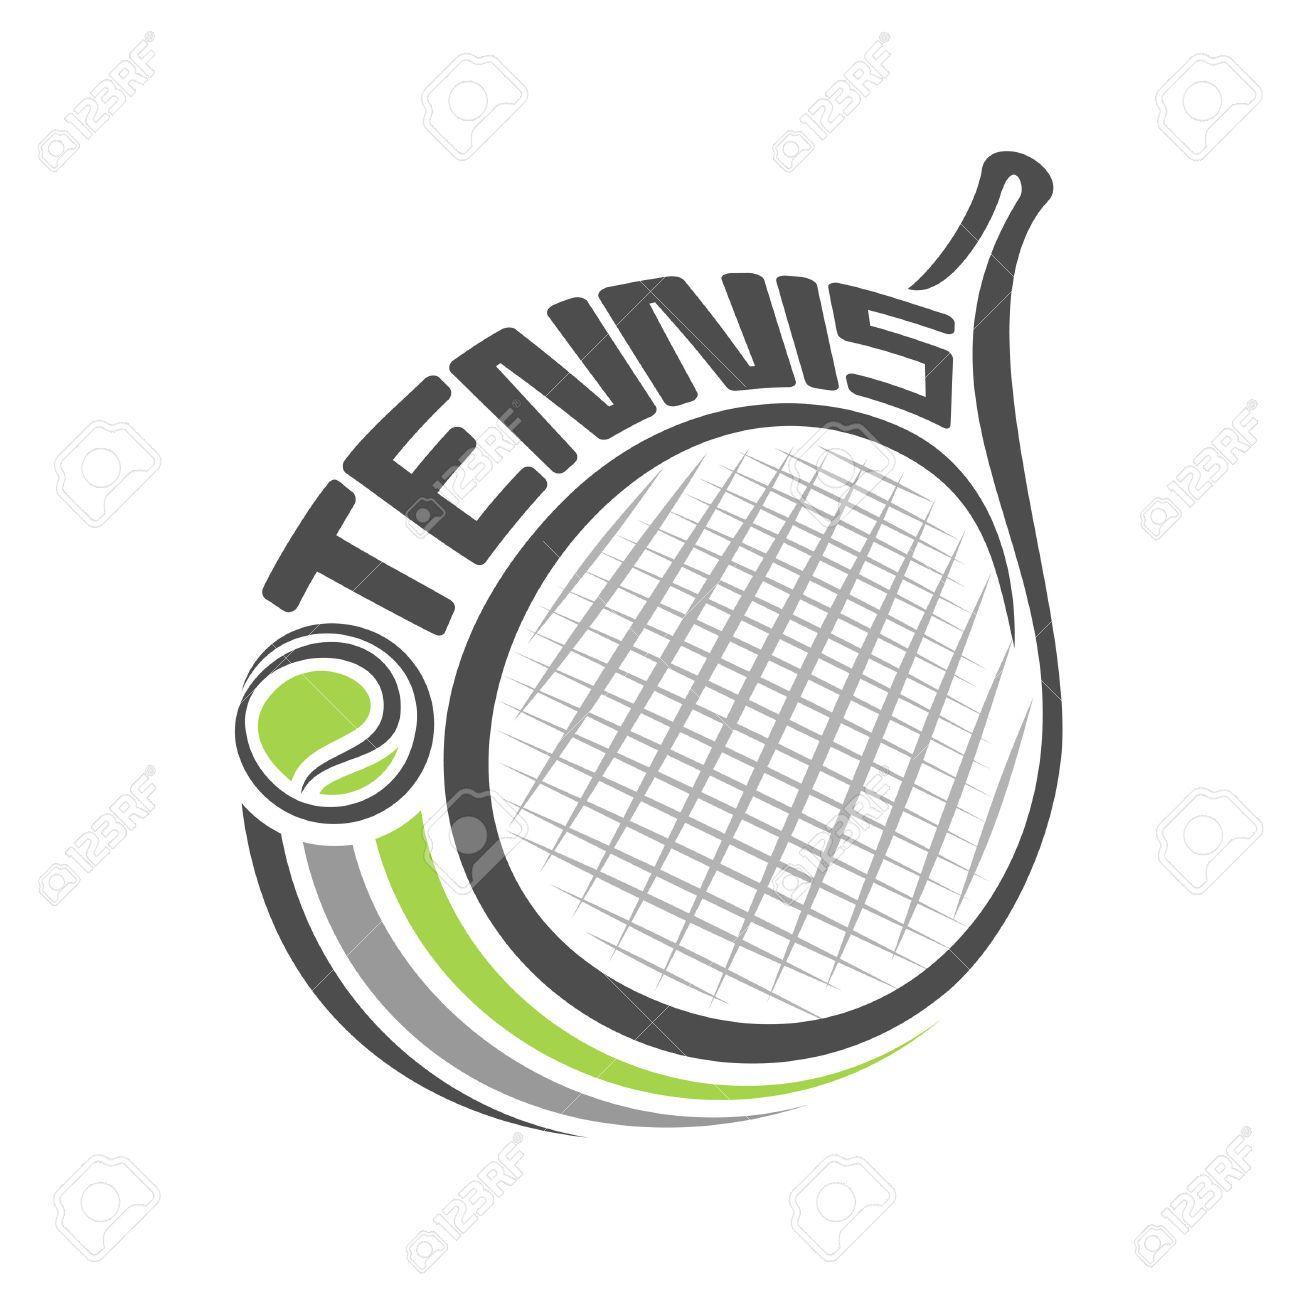 Tennis Logo In 2020 Tennis Free Logo Logos